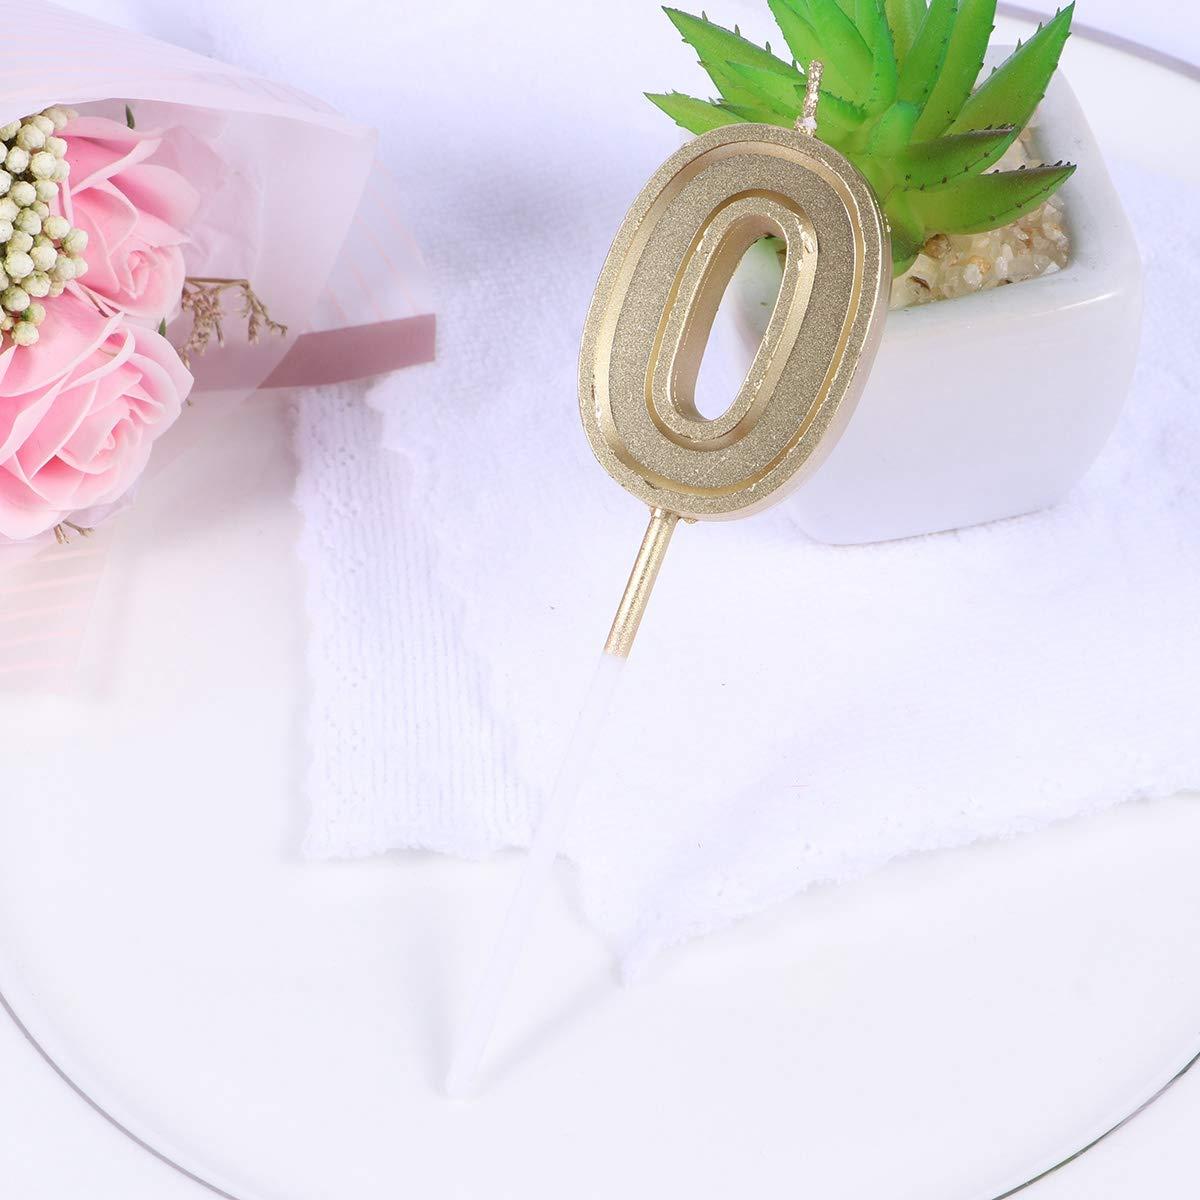 Toyvian N/úmero 0 Vela Oro Brillo cumplea/ños n/úmero Velas Pastel Adorno decoraci/ón